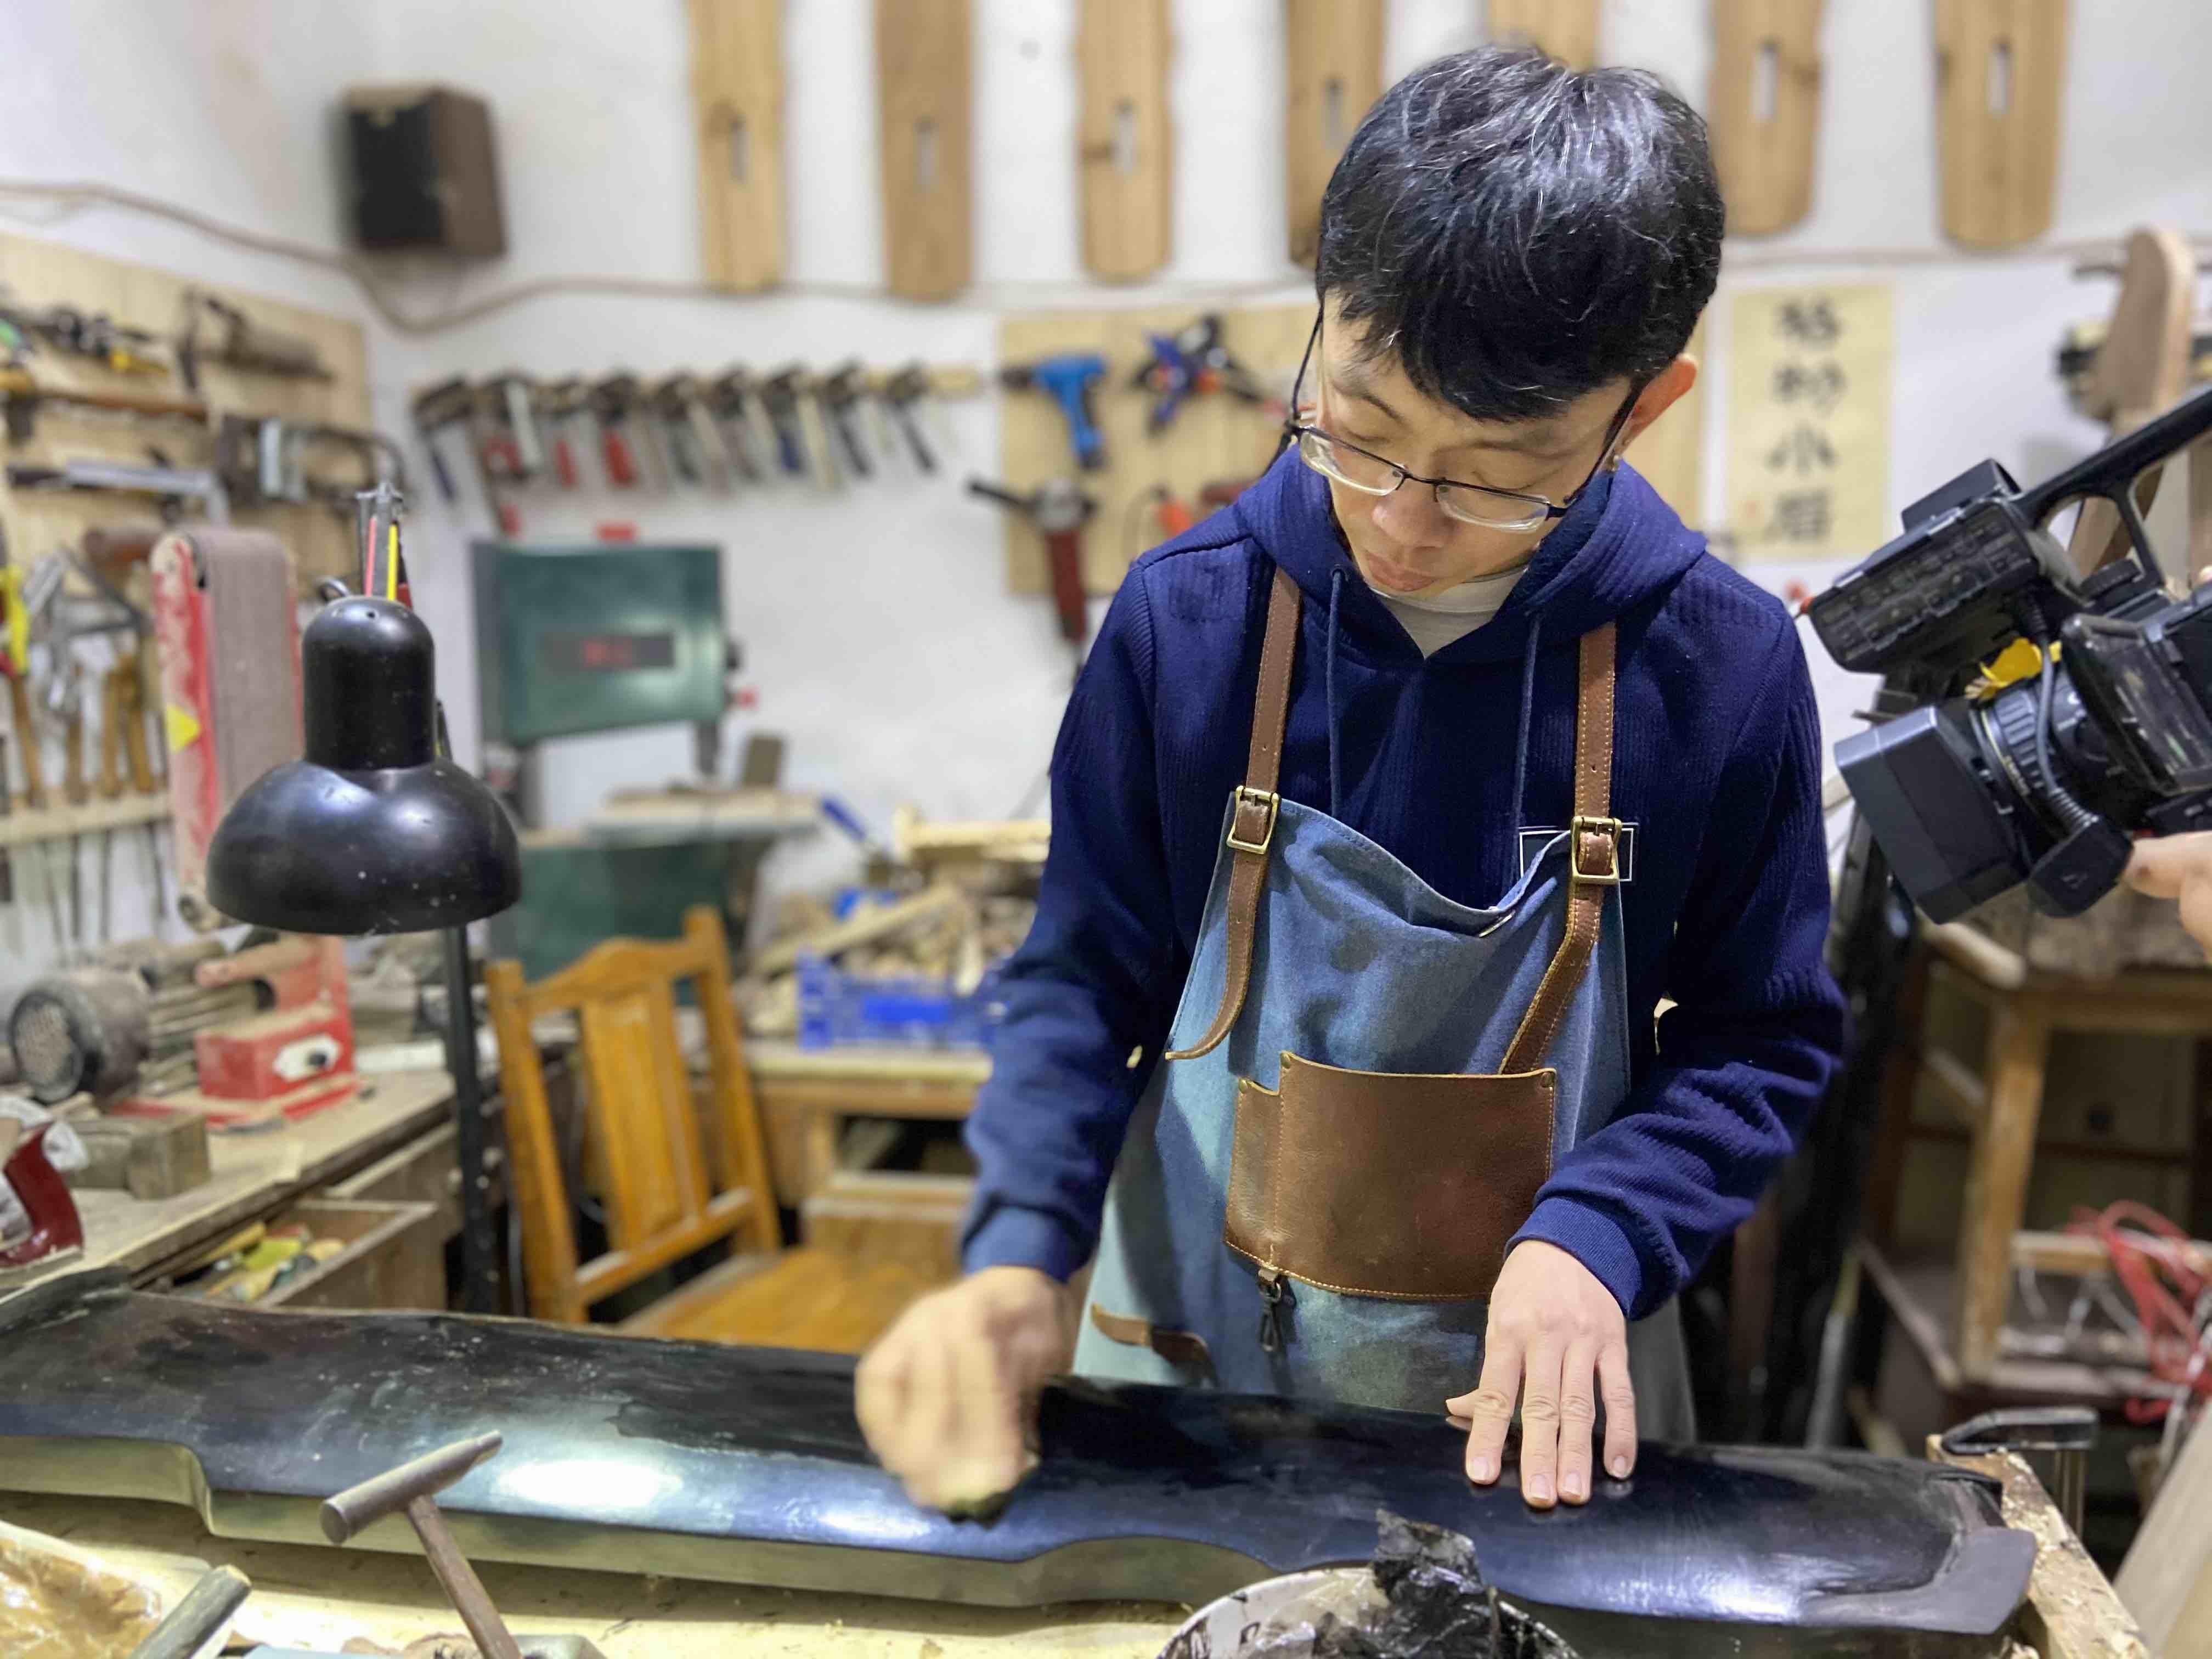 """一百多道工序!济南80后斫琴师爱好""""锯木头"""" 制作一把古琴至少一年时间"""